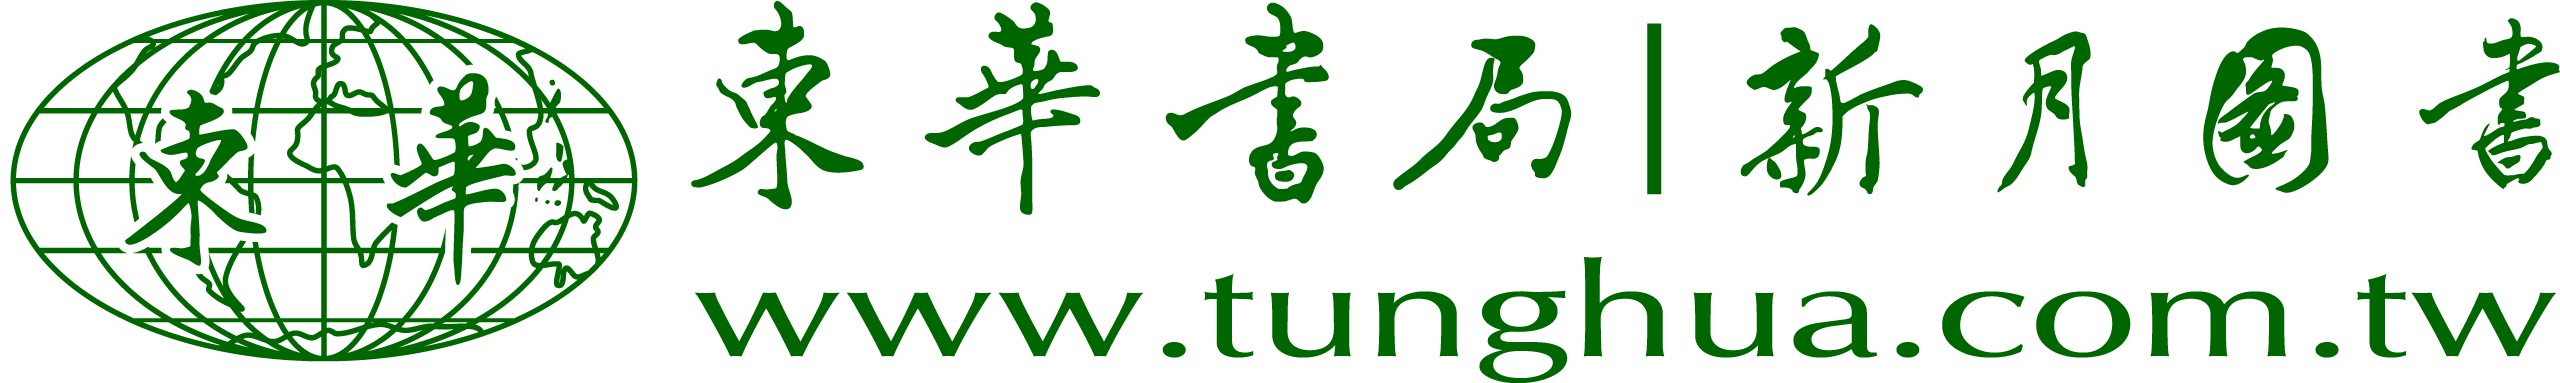 台灣東華書局股份有限公司